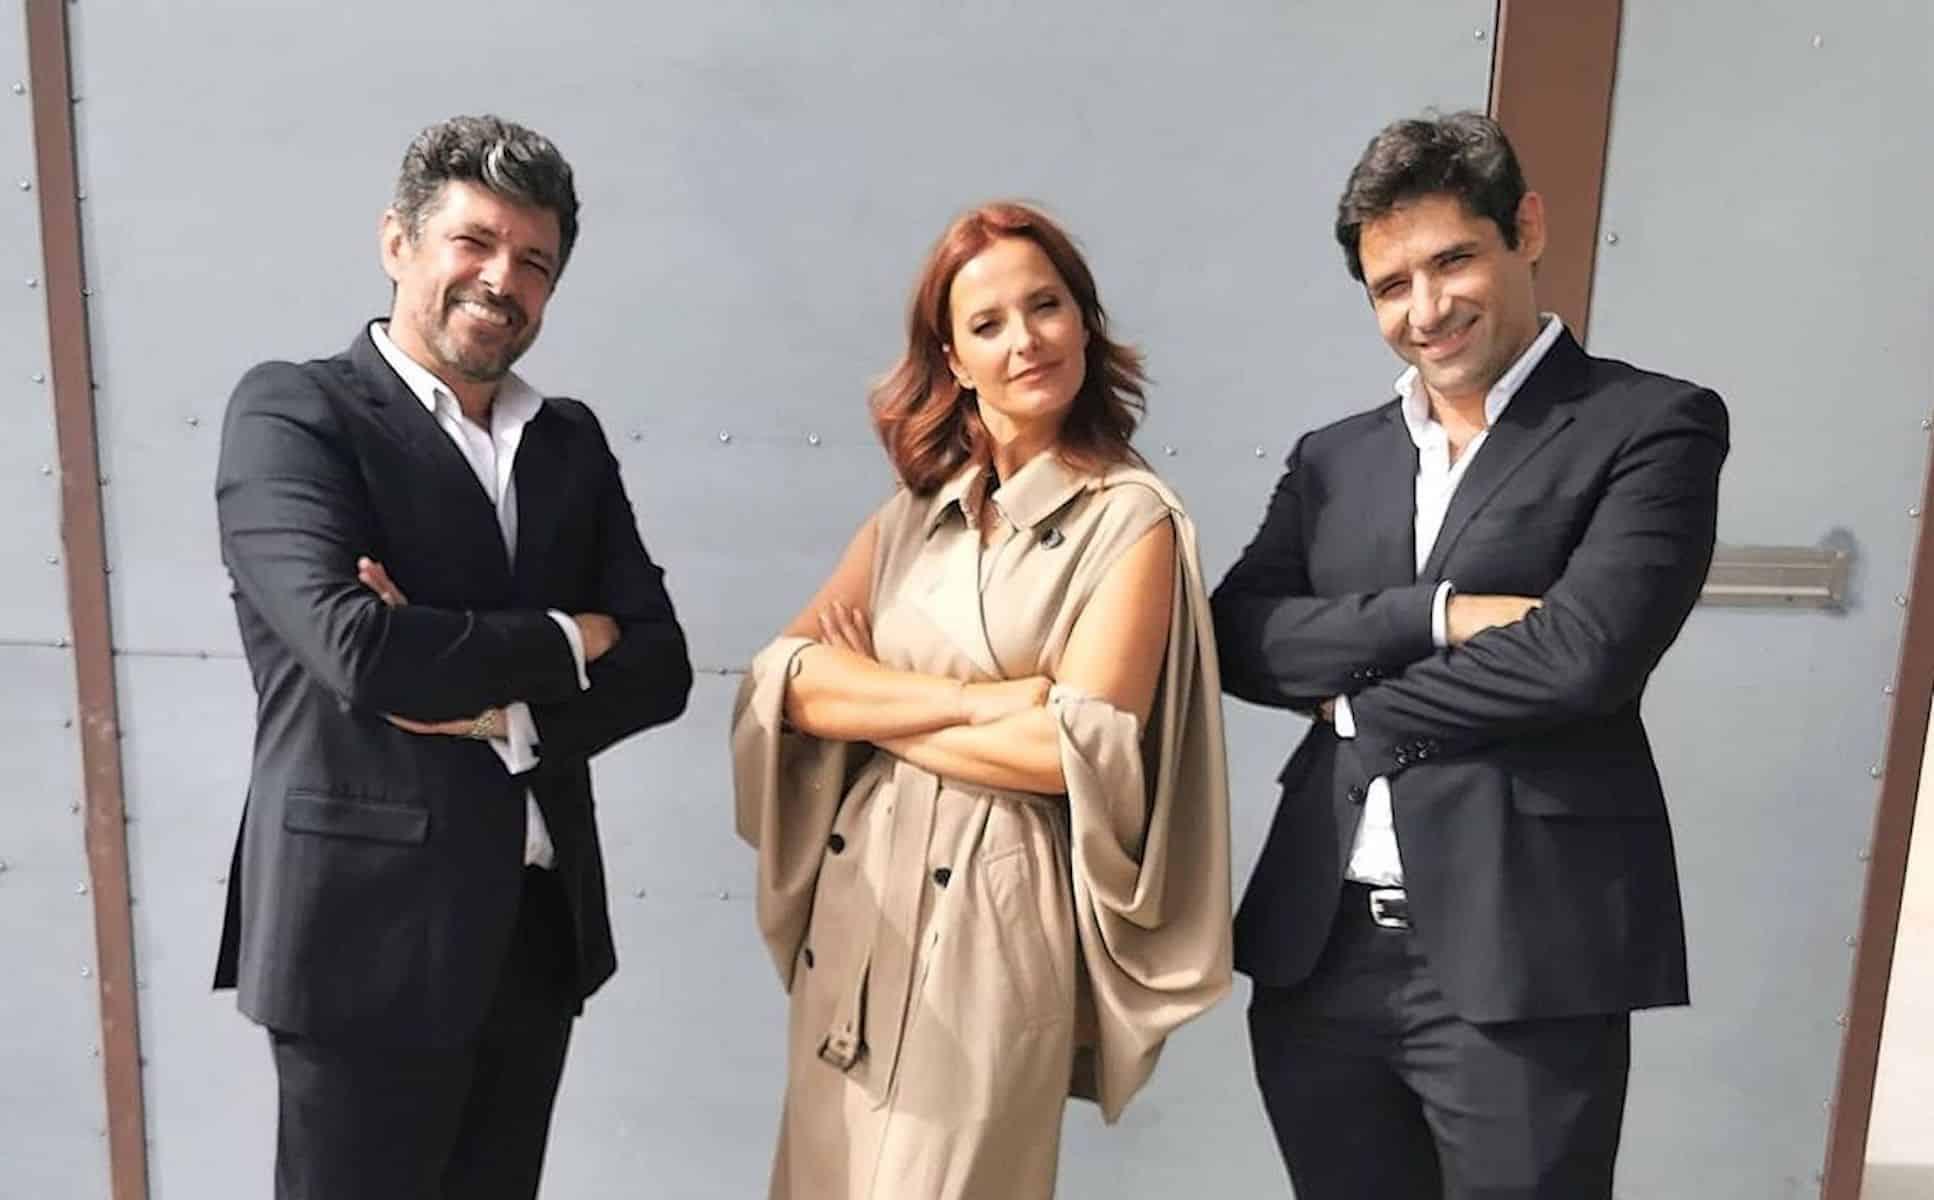 João Patrício, Cristina Ferreira, André Manso